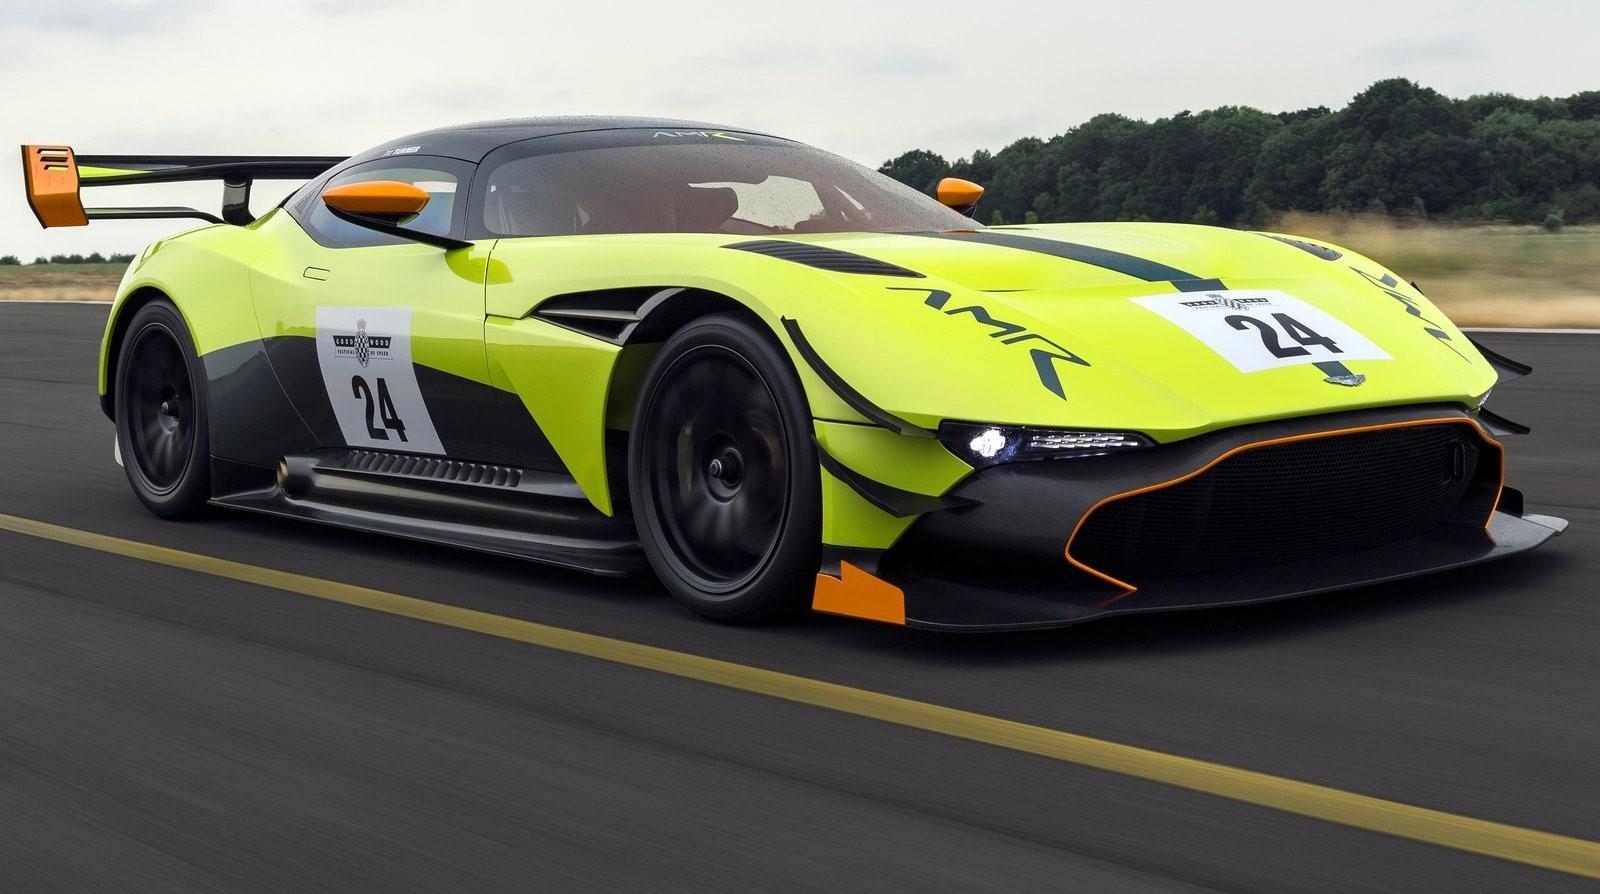 la-voiture-de-piste-la-plus-extreme-au-monde-aston-martin-vulcan-amr-pro-1308-15.jpg